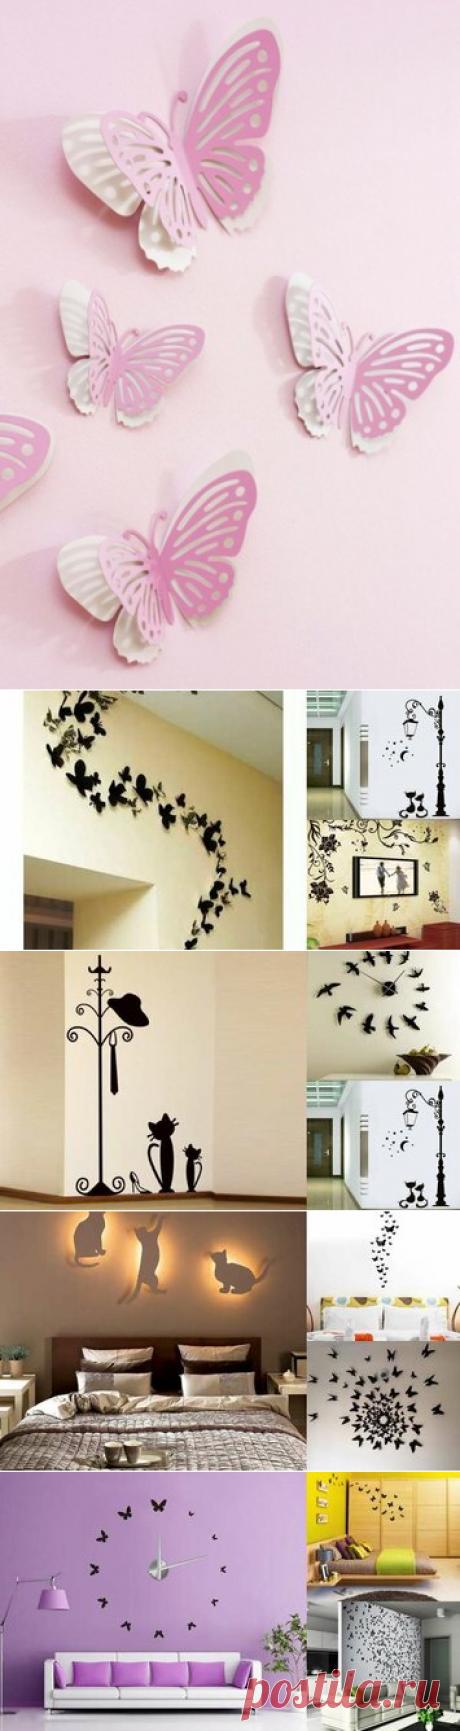 26 карточек в коллекции «Бумажный декор стен» пользователя Владимир К. в Яндекс.Коллекциях